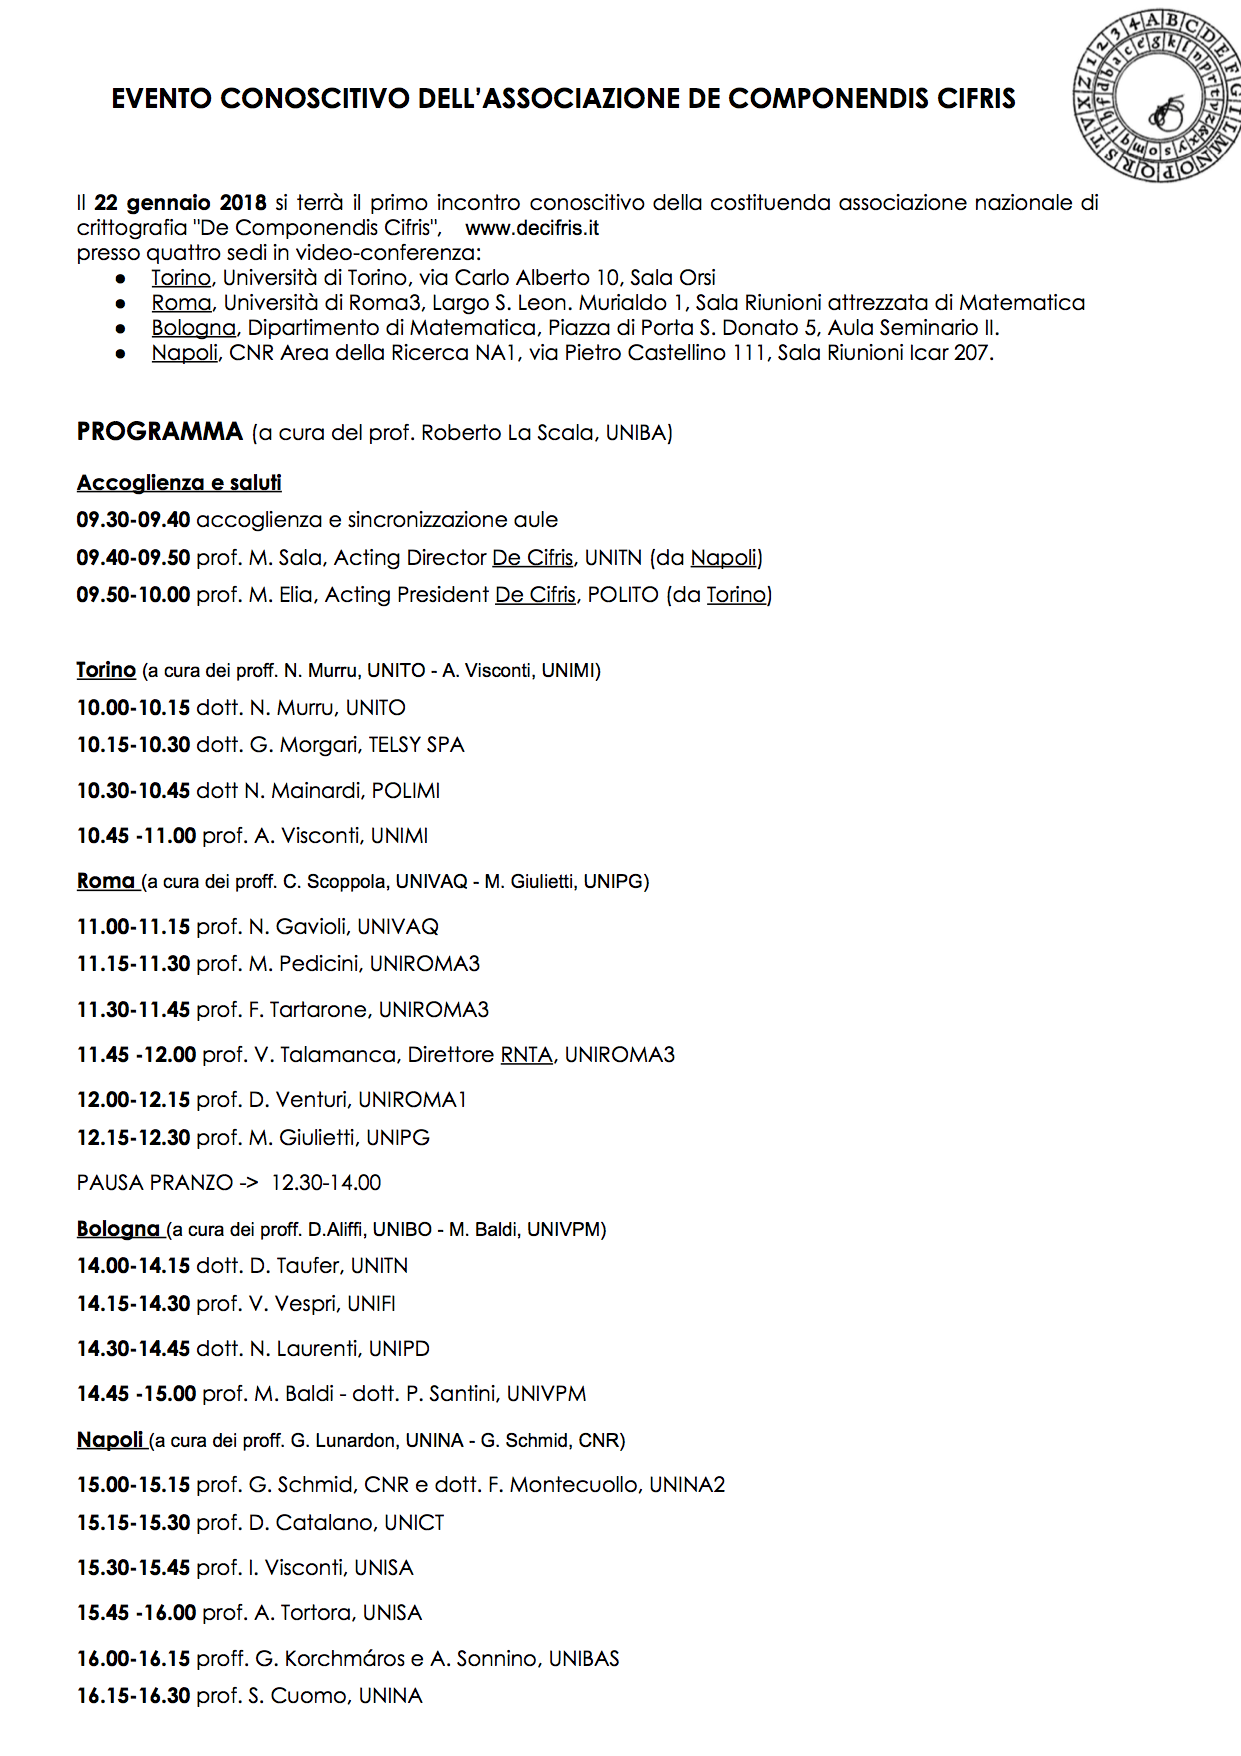 Locandina Evento DeCifris 22.01.2018